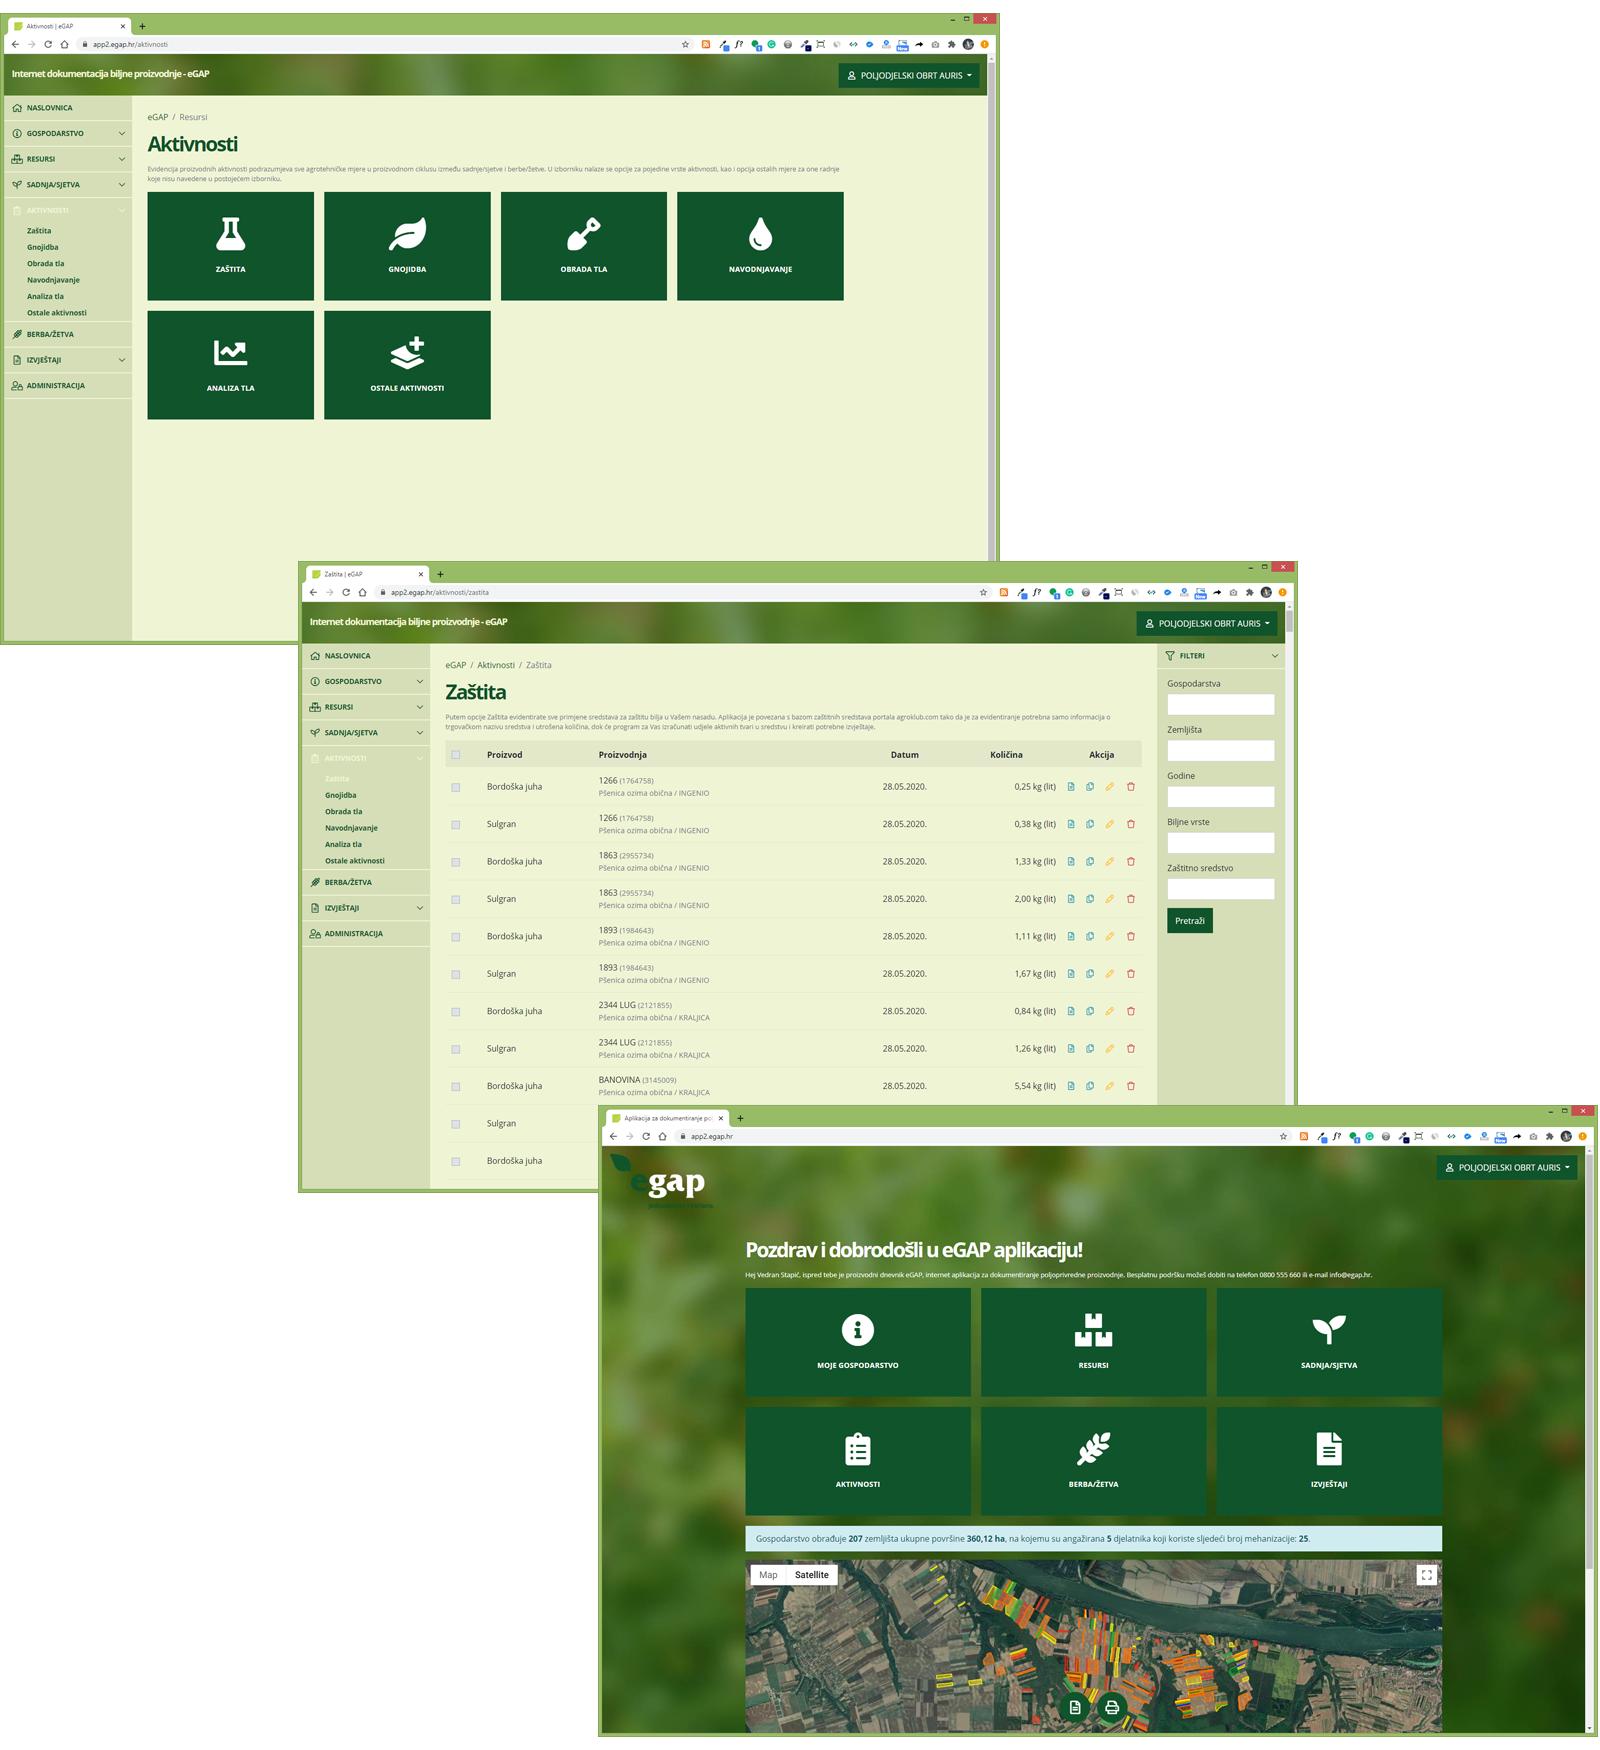 Od 01. studenog 2020 stiže nova verzija eGAP aplikacije za dokumentiranje poljoprivredne proizvodnje